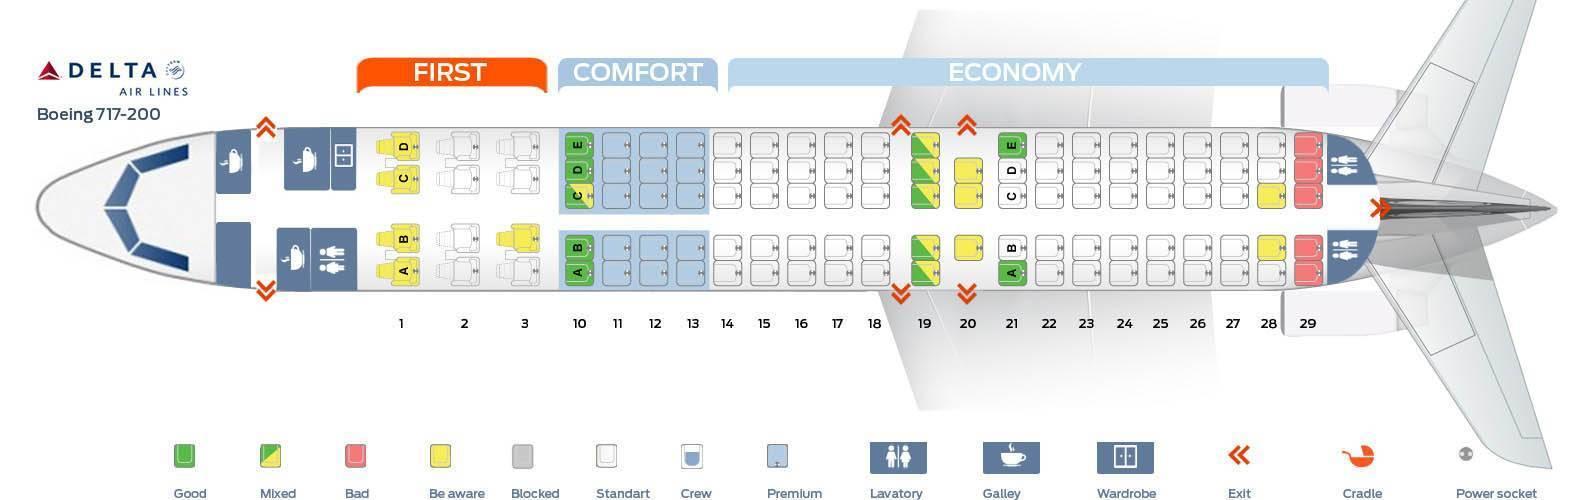 Какие бывают схемы популярных пассажирских самолетов?